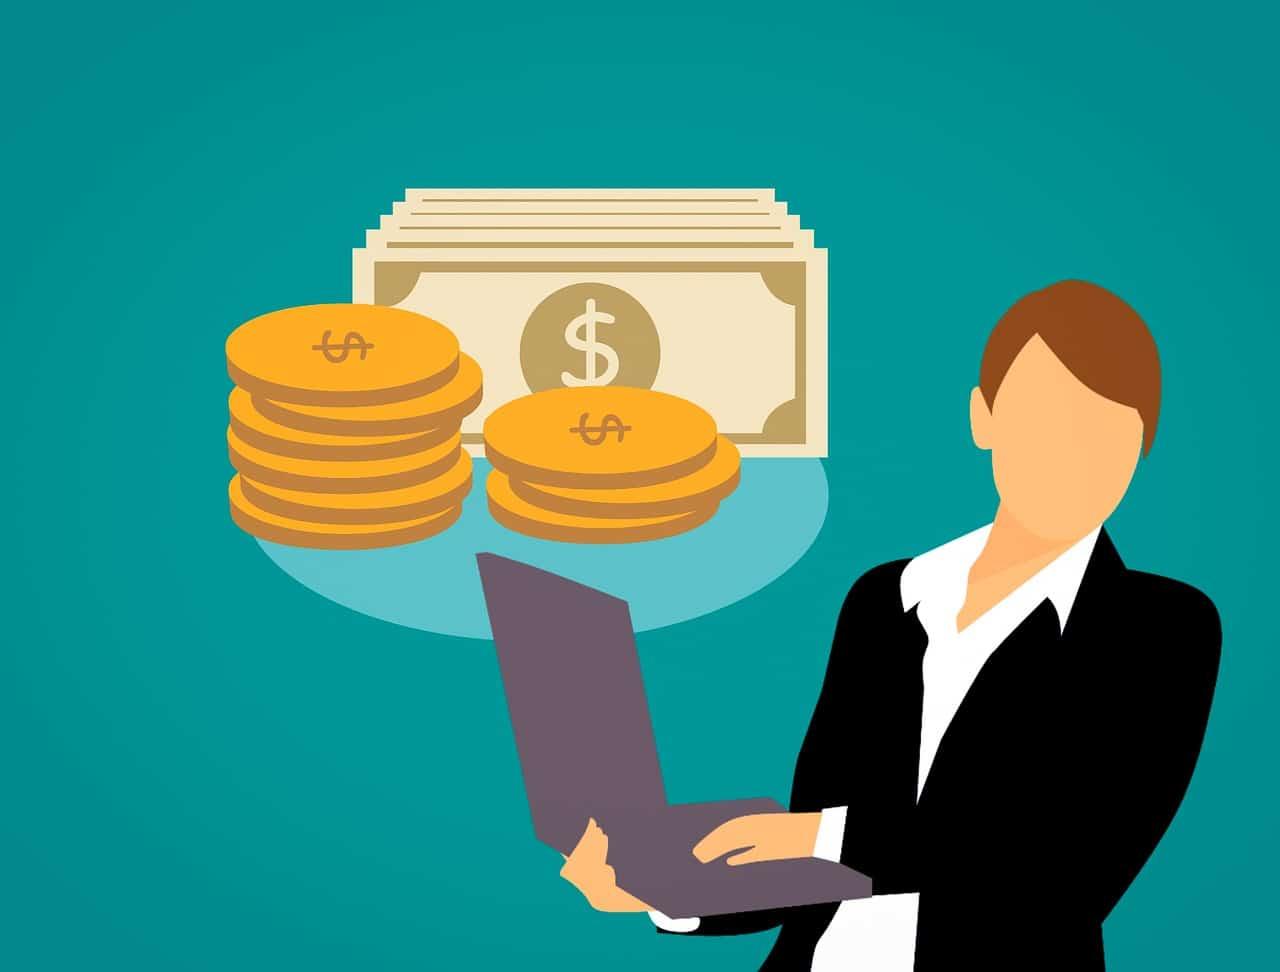 quanto custa vender no mercado livre - empreendedor com notebook na mão e moedas e cédulas acima